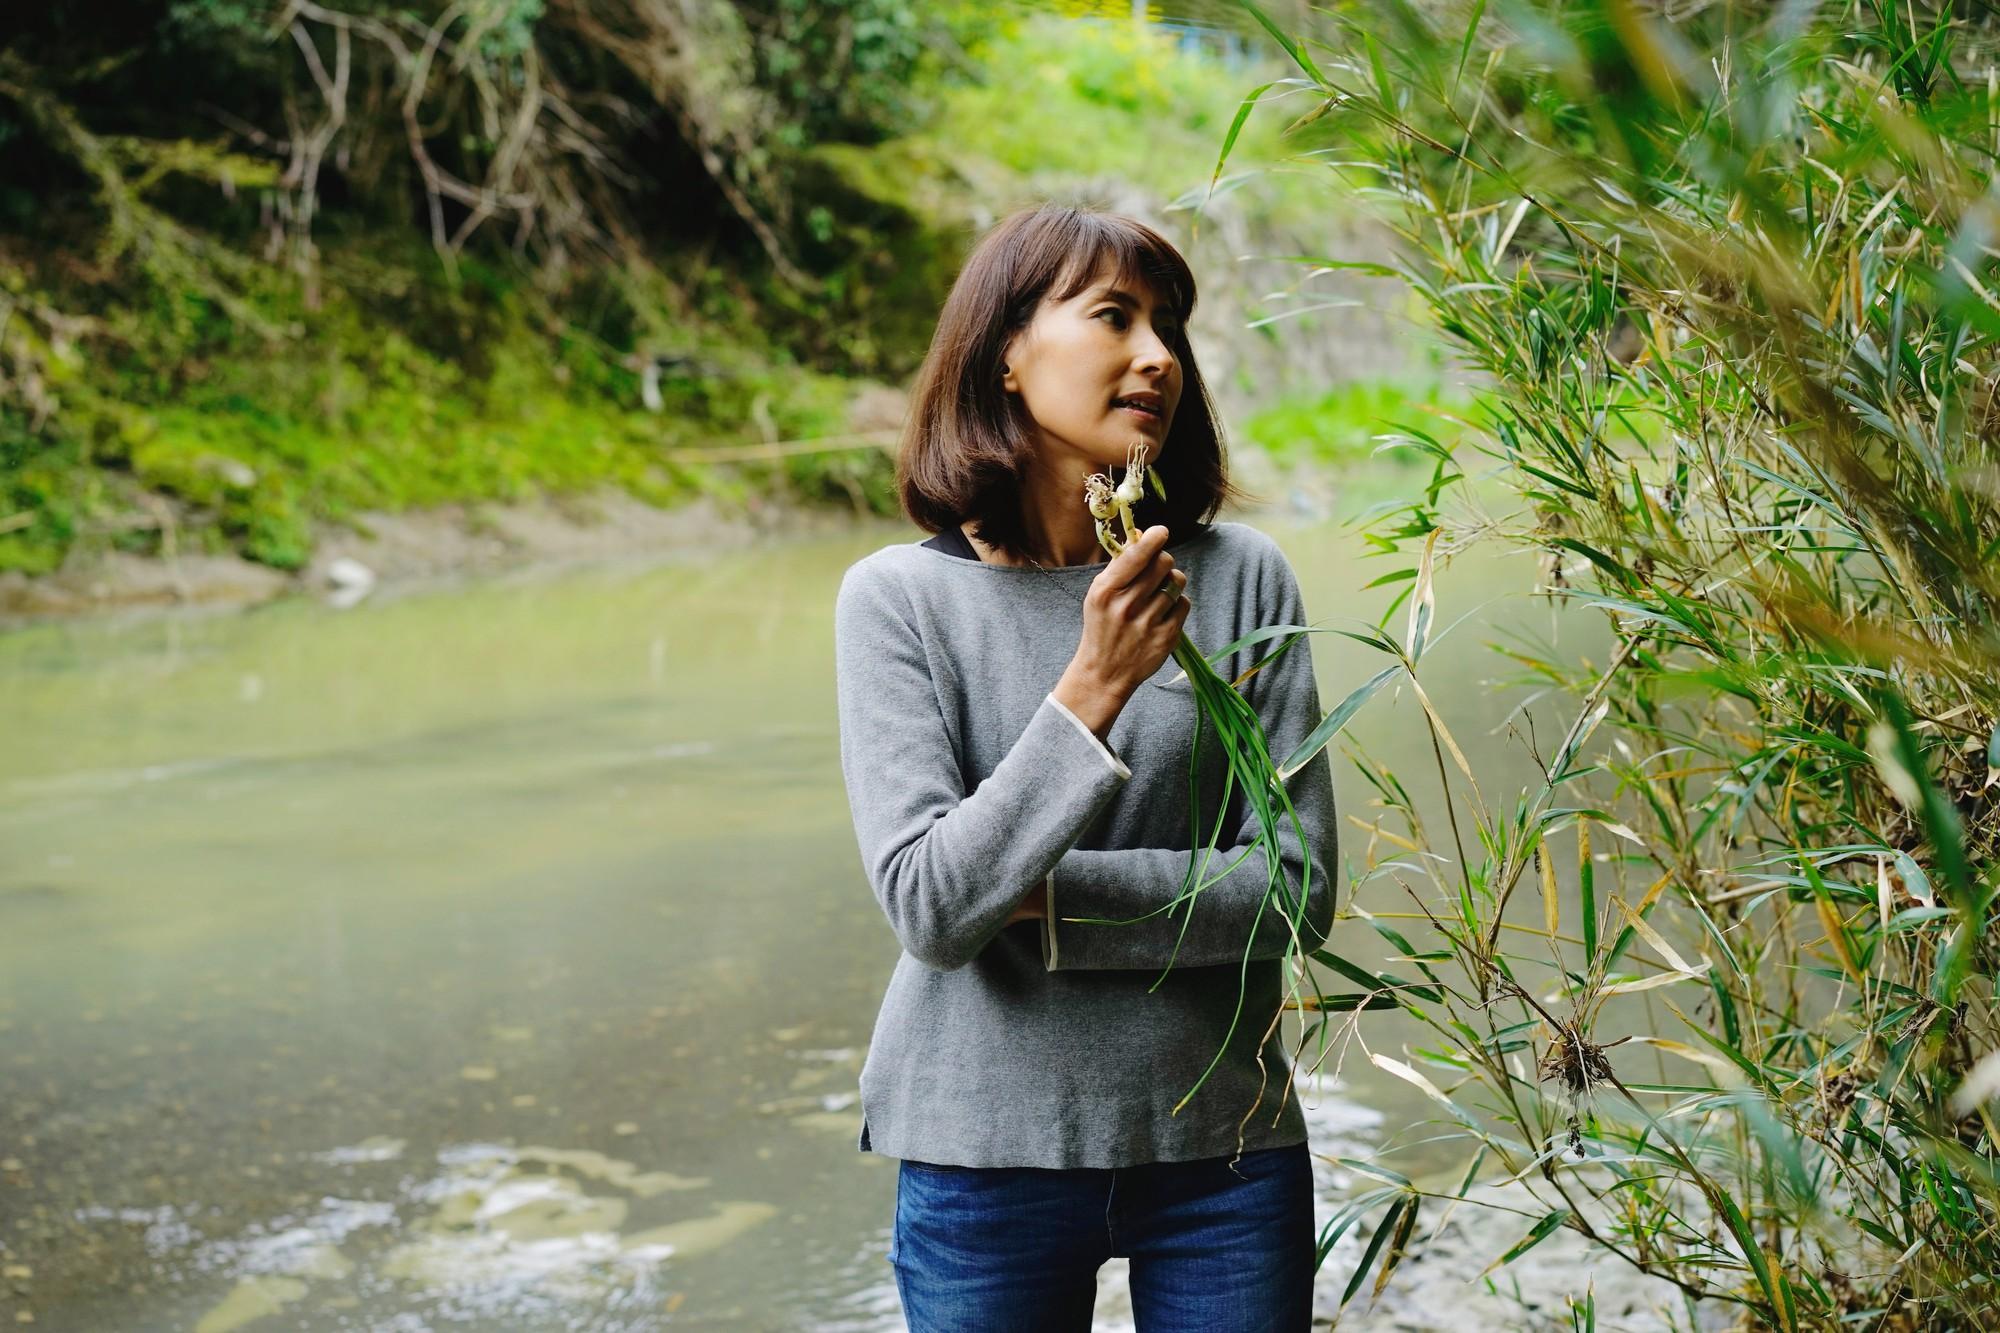 Nữ kỹ sư Nhật bỏ nhà phố, cùng gia đình về sống trong ngôi nhà nhỏ yên bình với vườn tược nơi thôn quê - Ảnh 17.